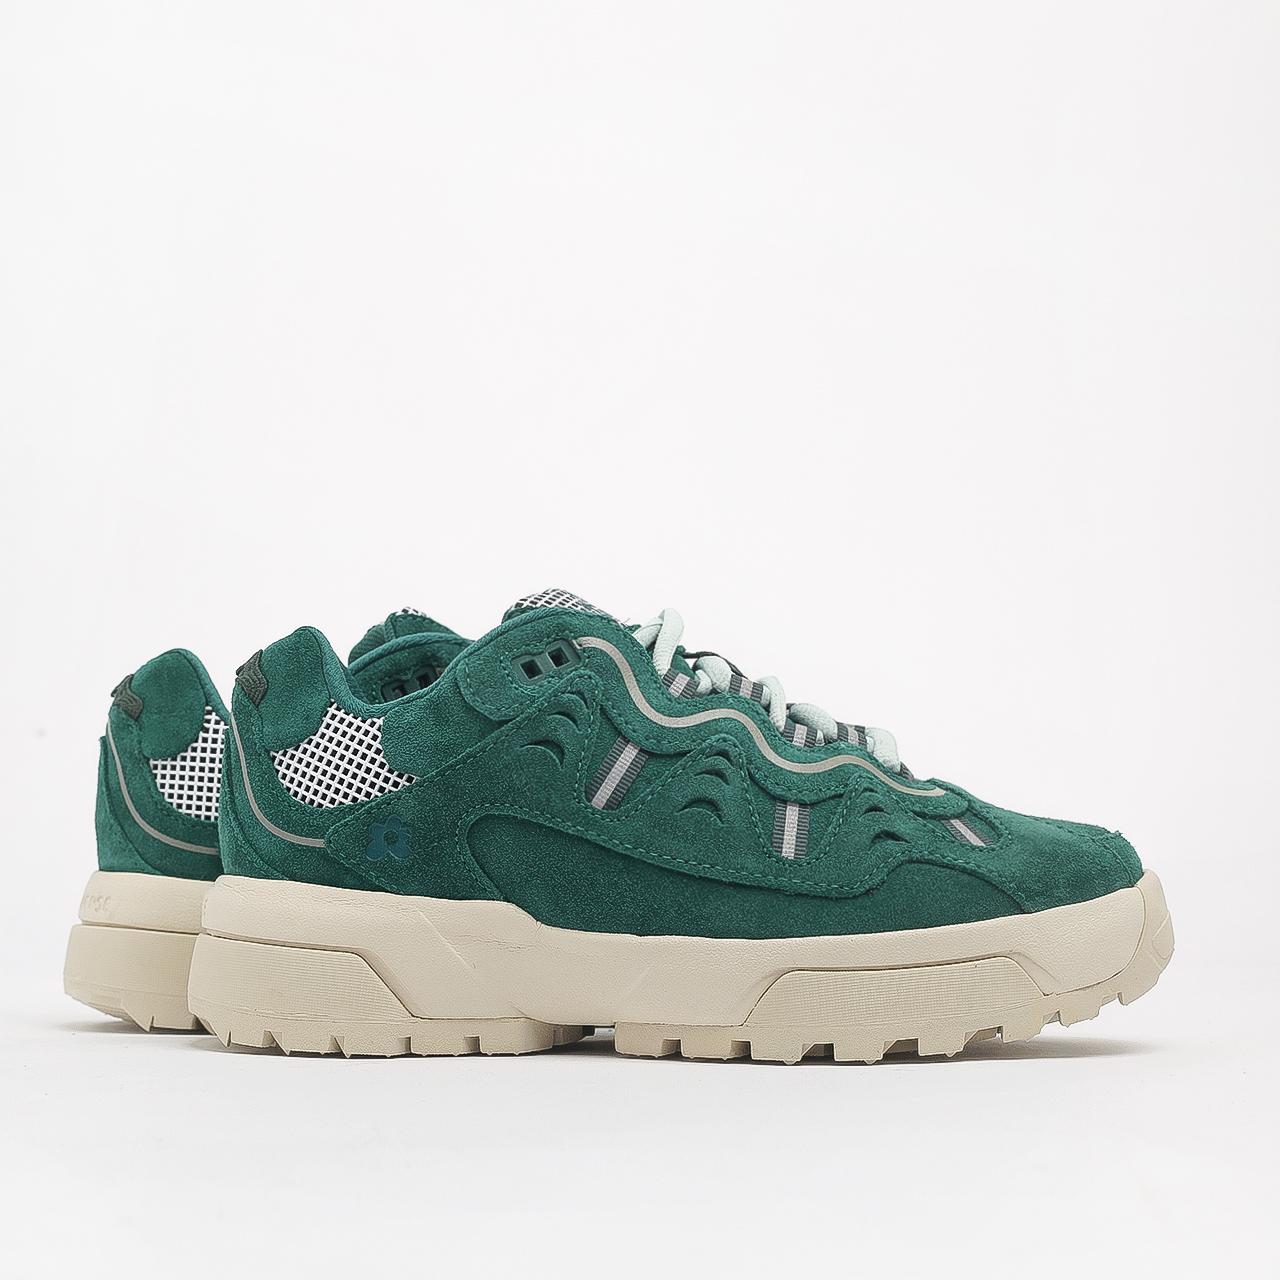 Купить зеленые кроссовки x Golf Le Fleur Gianno от Converse (169841) по цене 12500 рублей